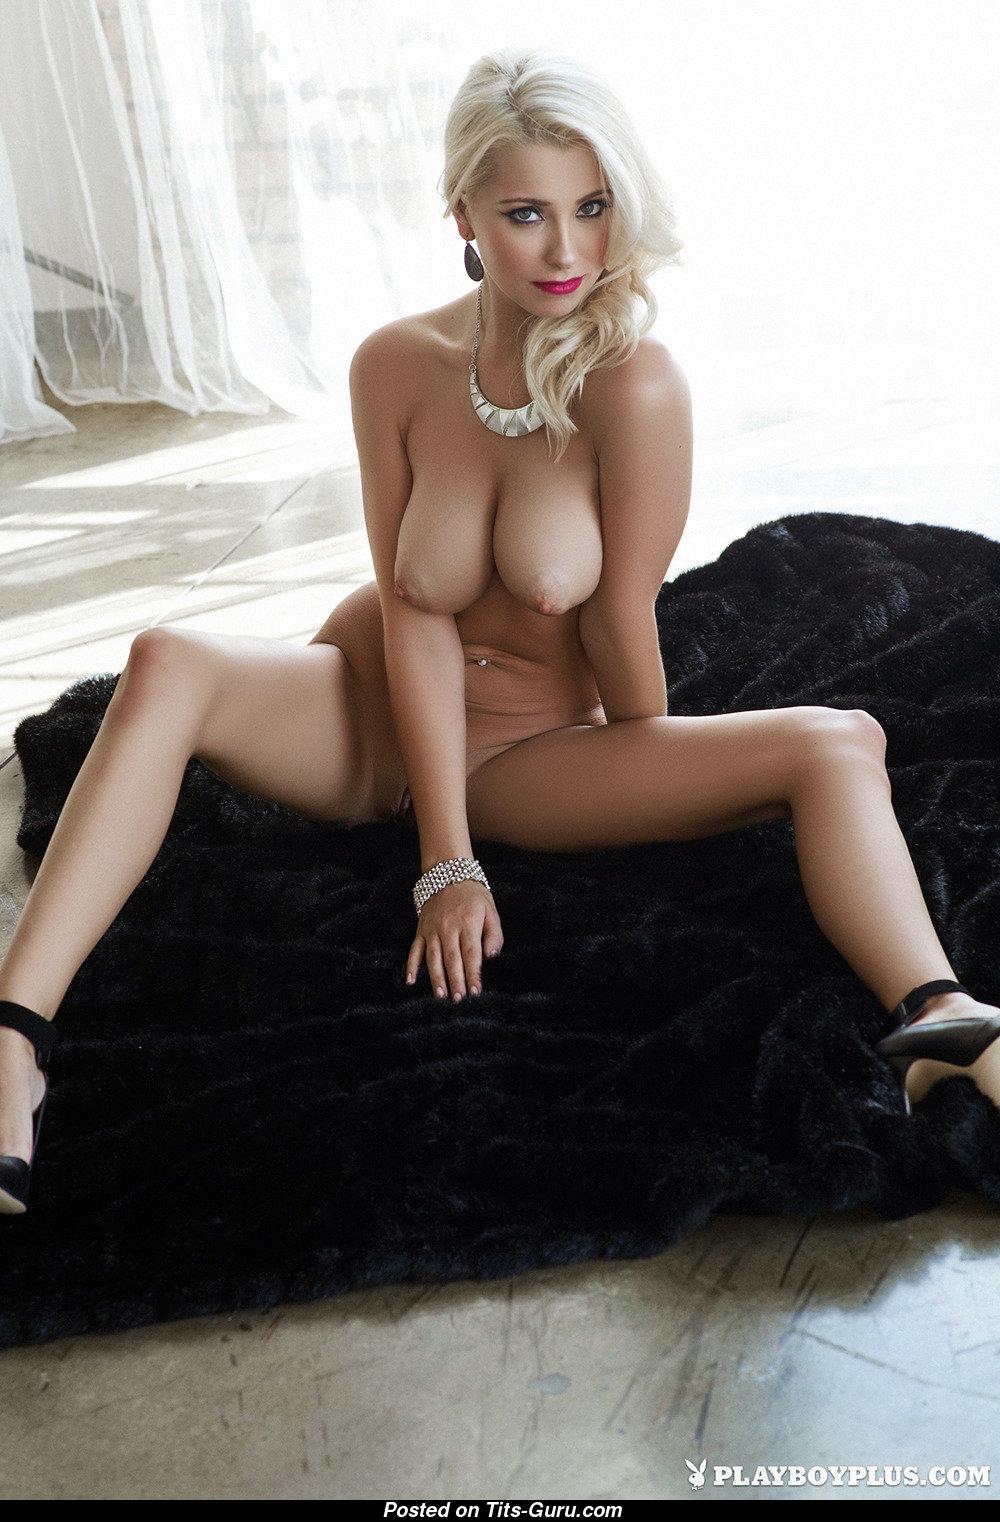 alissa arden - sexy nude blonde photo | 26.12.2017 18:13